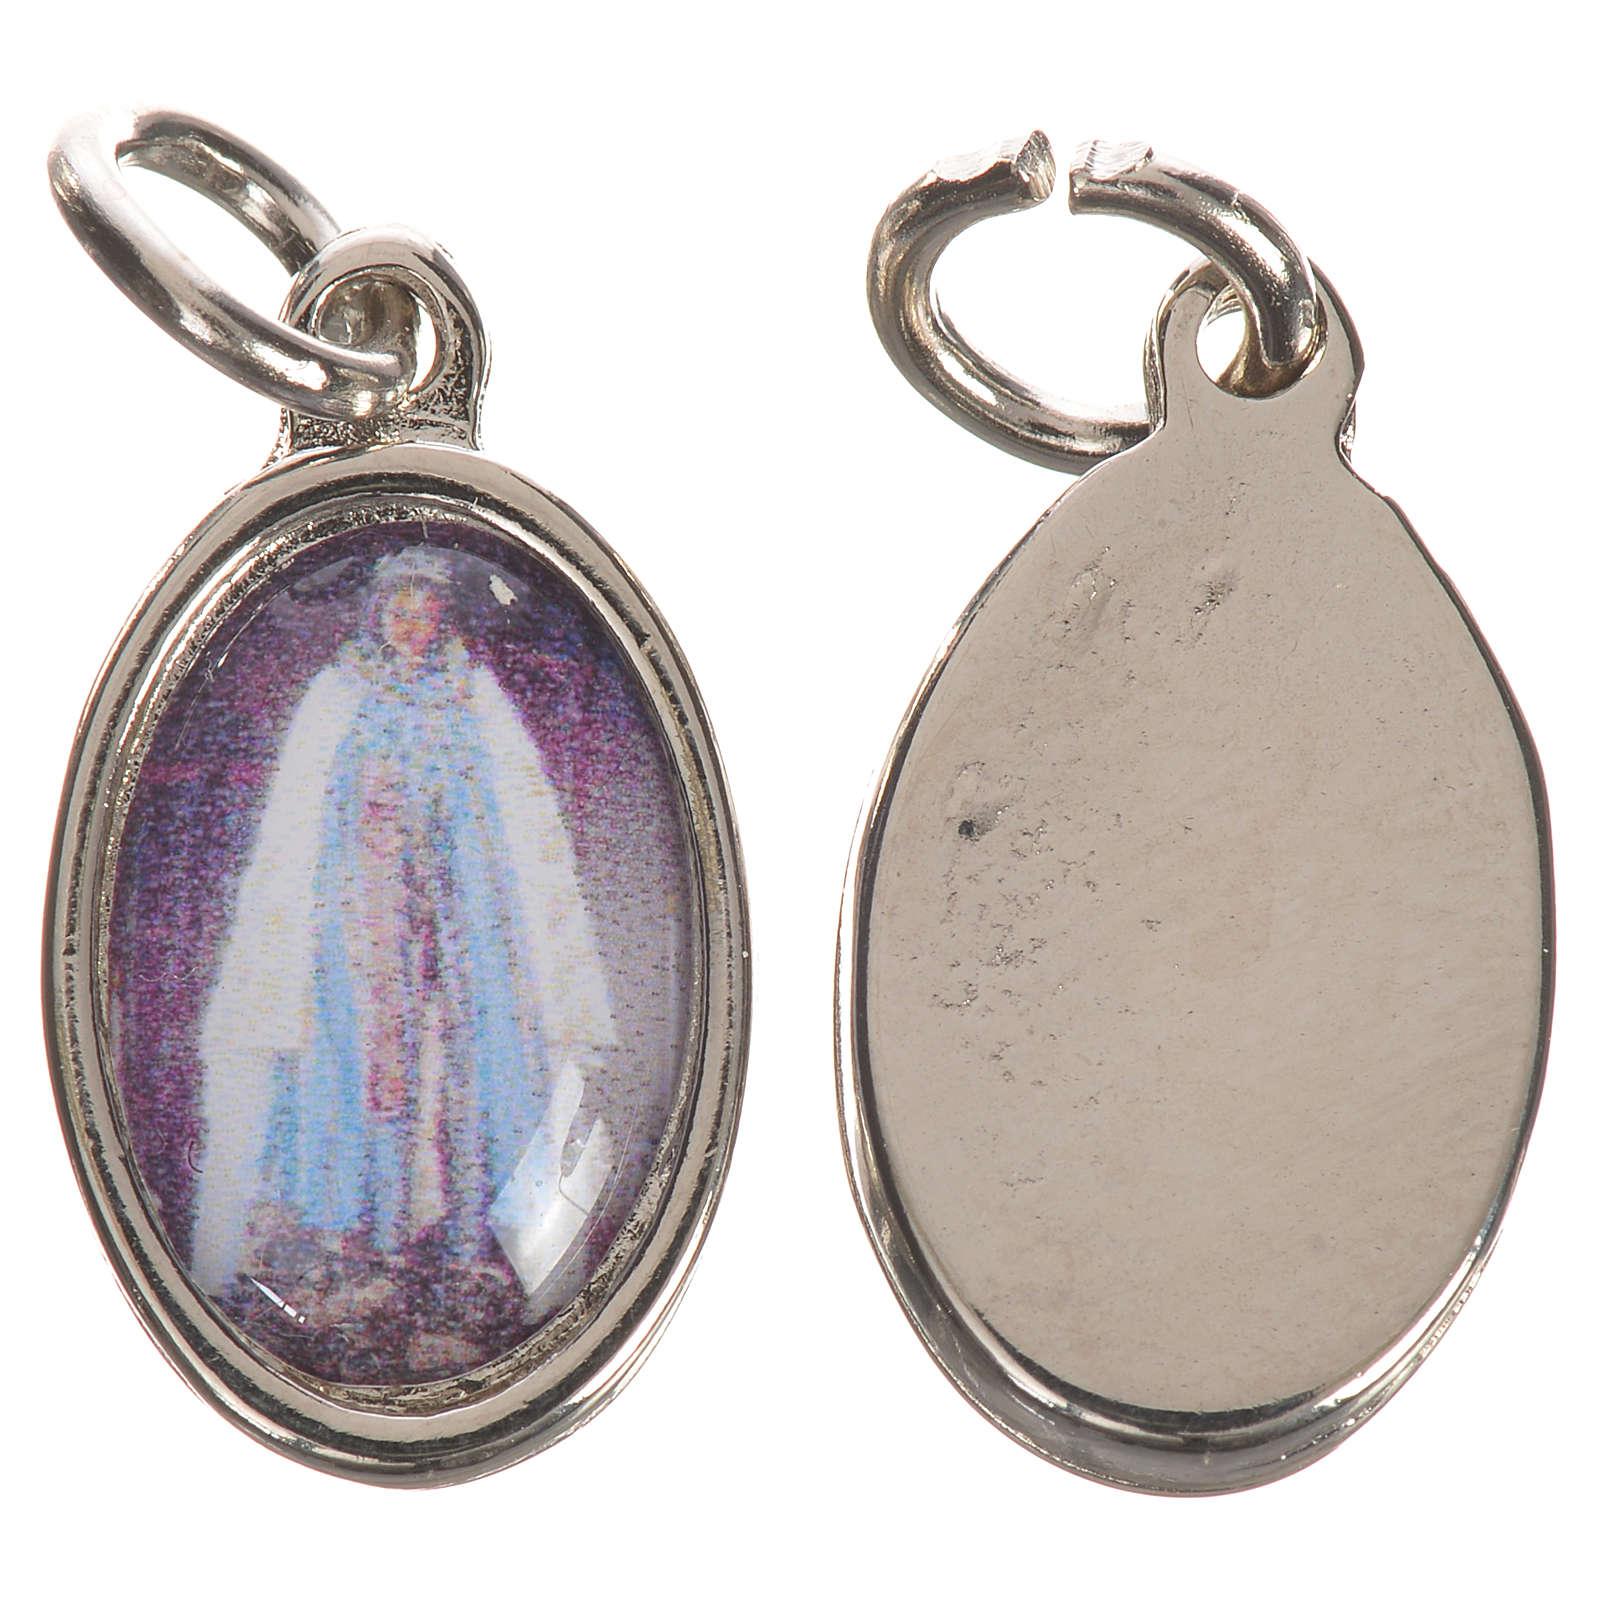 Saint Sarah Medal in silver metal, 1.5cm 4